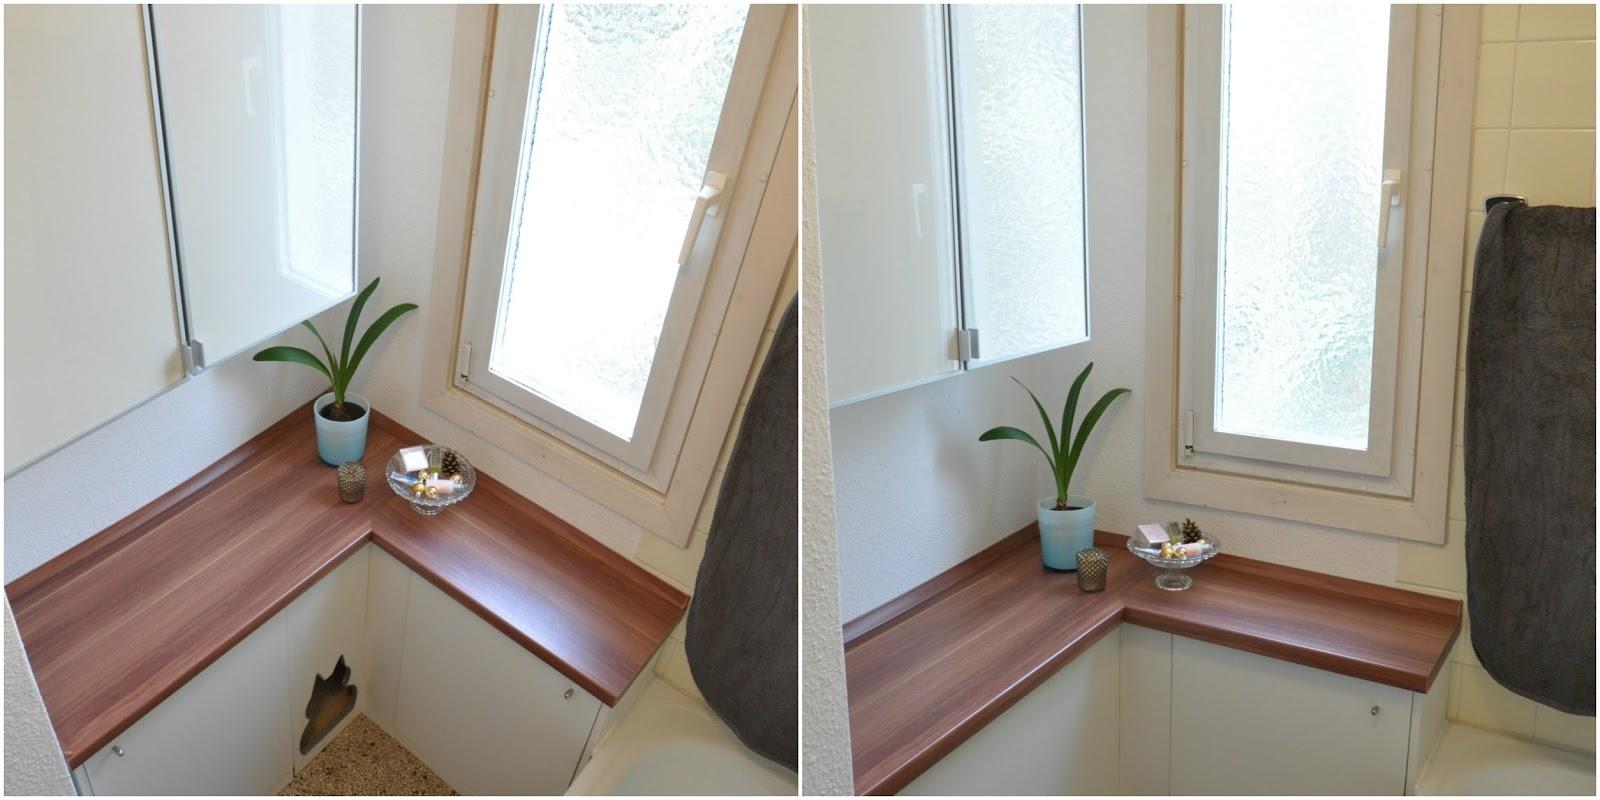 DIY Einbauschrank Fürs Bad Inkl Geheimfach Fuchsgestreift - Badezimmer einbauschrank